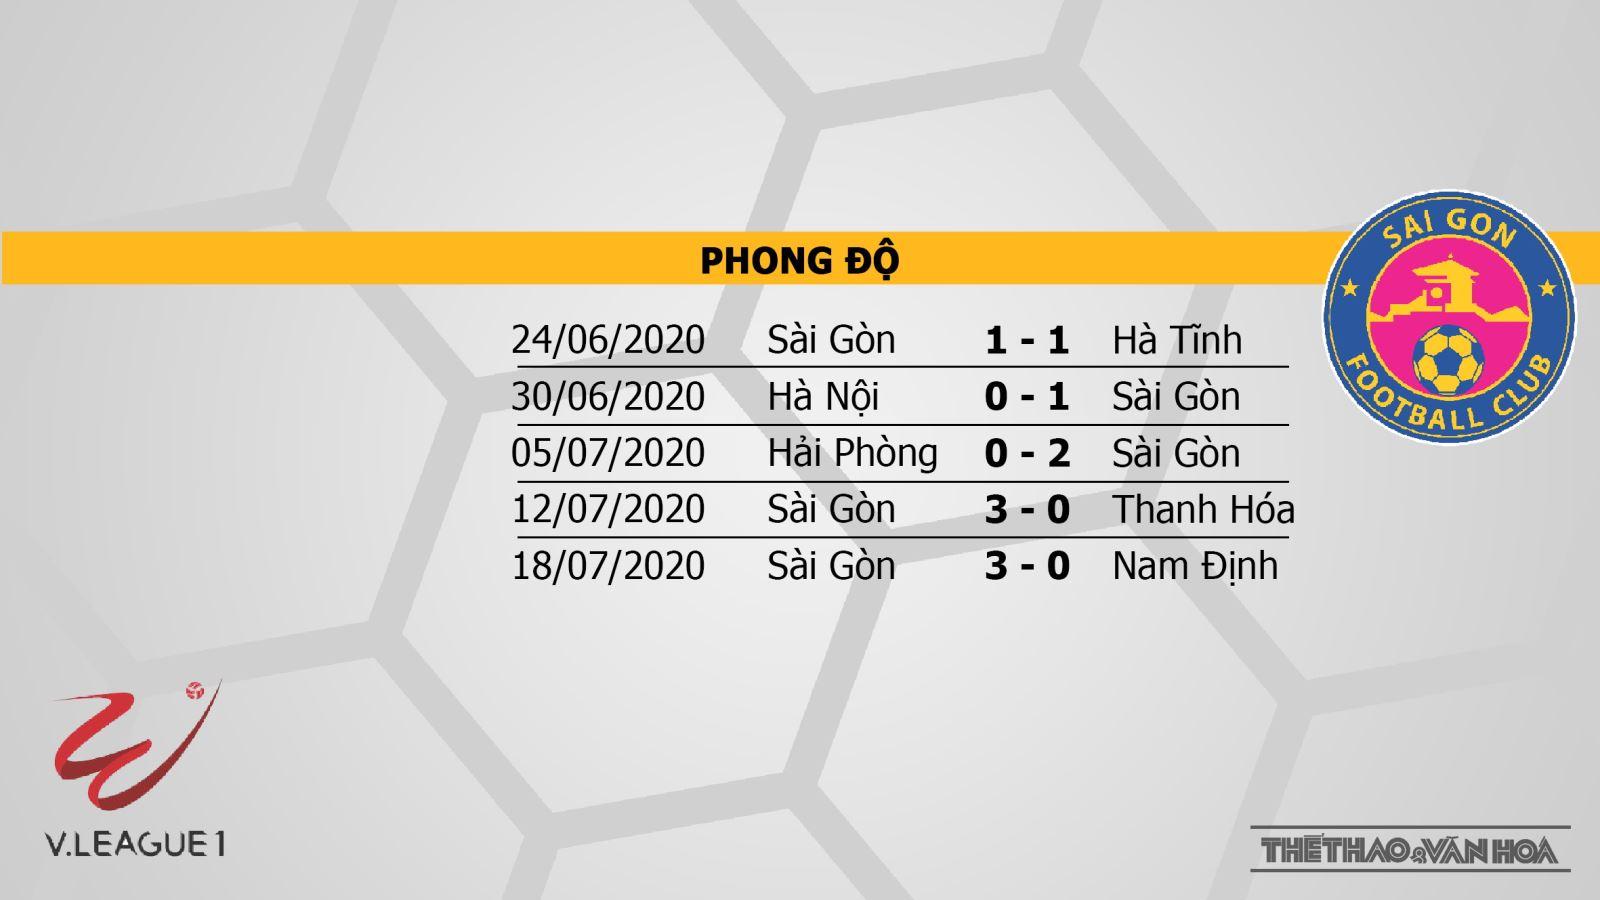 Quảng Nam vsSài Gòn, Quảng Nam, Sài Gòn, trực tiếp Quảng Nam vsSài Gòn, soi kèo Quảng Nam vsSài Gòn, kèo bóng đá, soi kèo, Quảng Nam, Sài Gòn